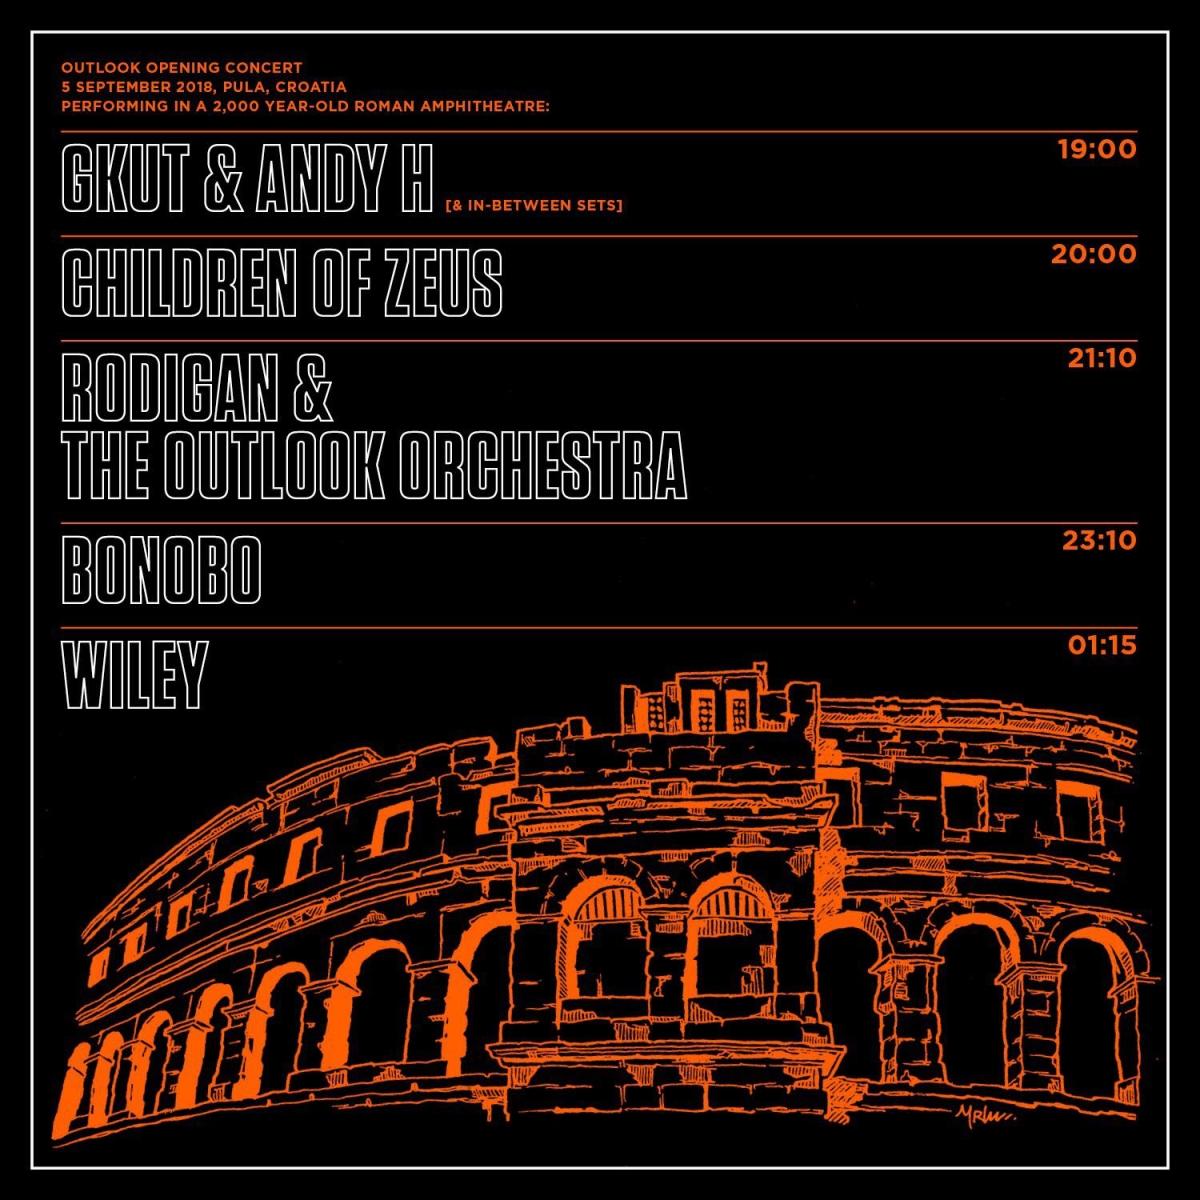 Objavljena satnica koncerta otvorenja 11. Outlooka kojeg predvode Bonobo i David Rodigan